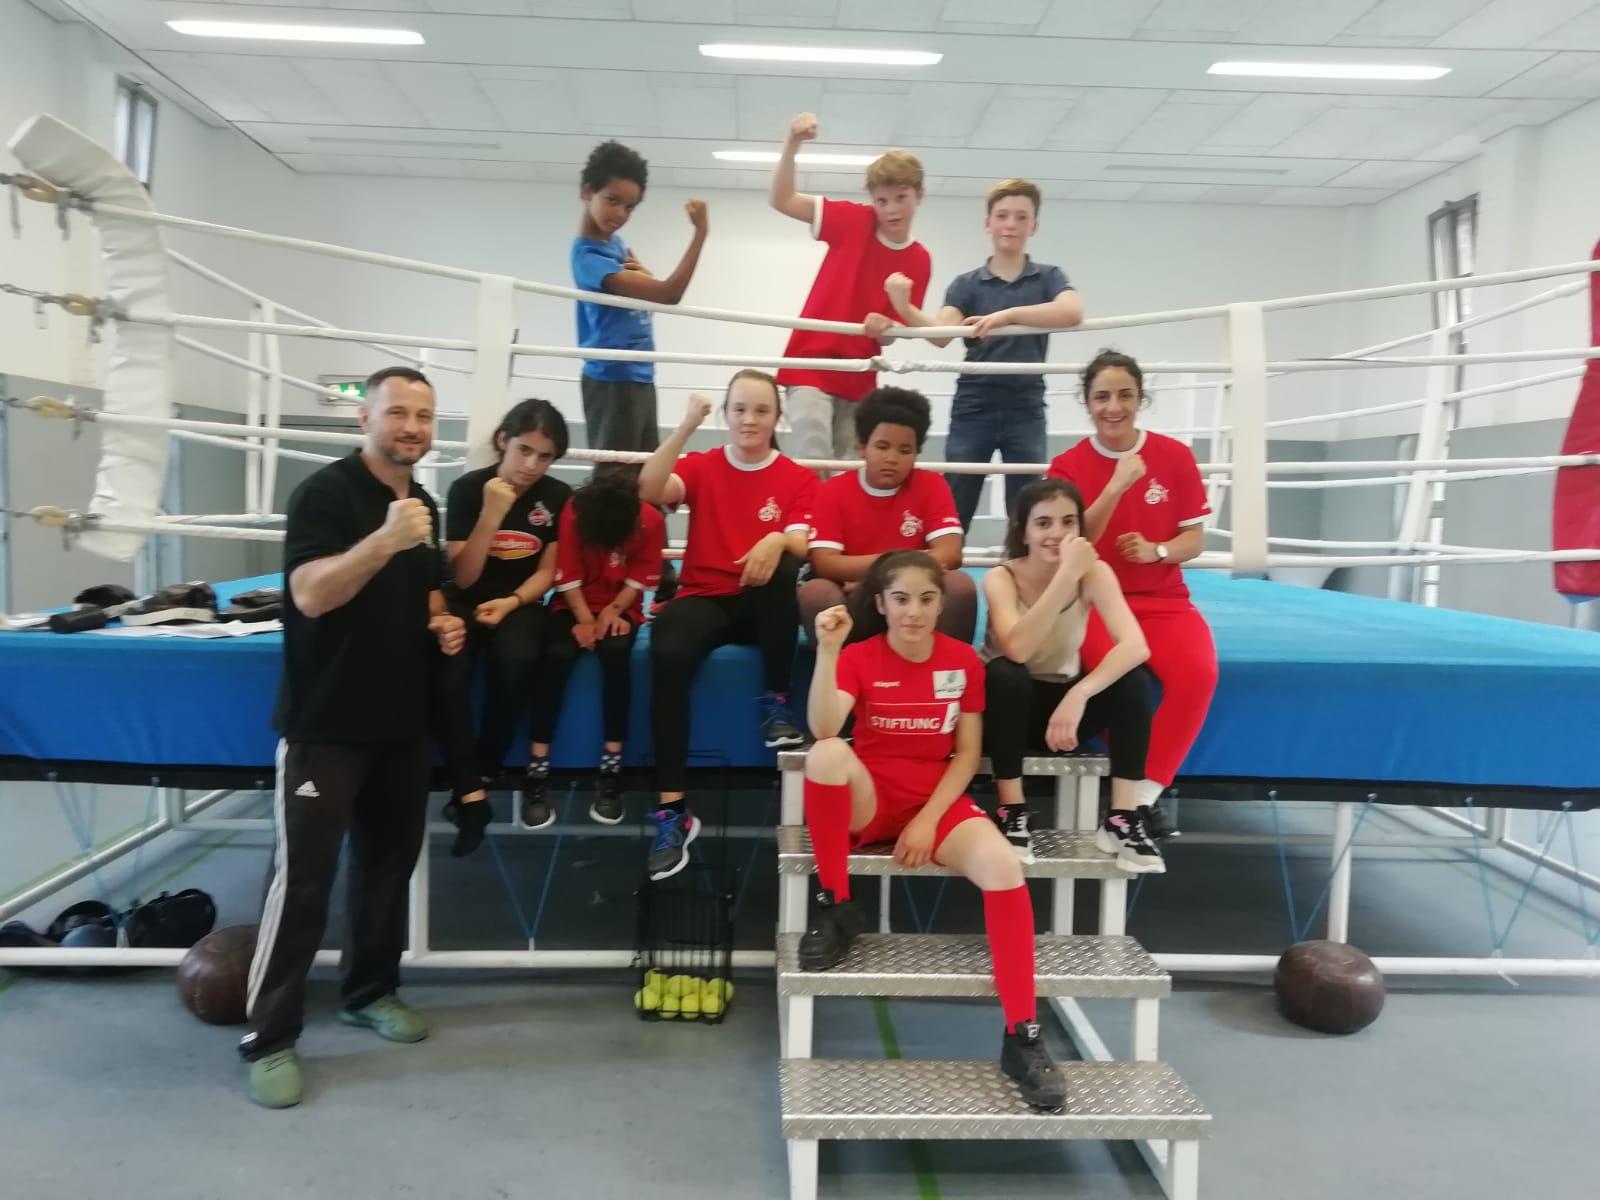 Stolz auf das vollzogene Boxtraining - die Kinder der Paria Stiftung!